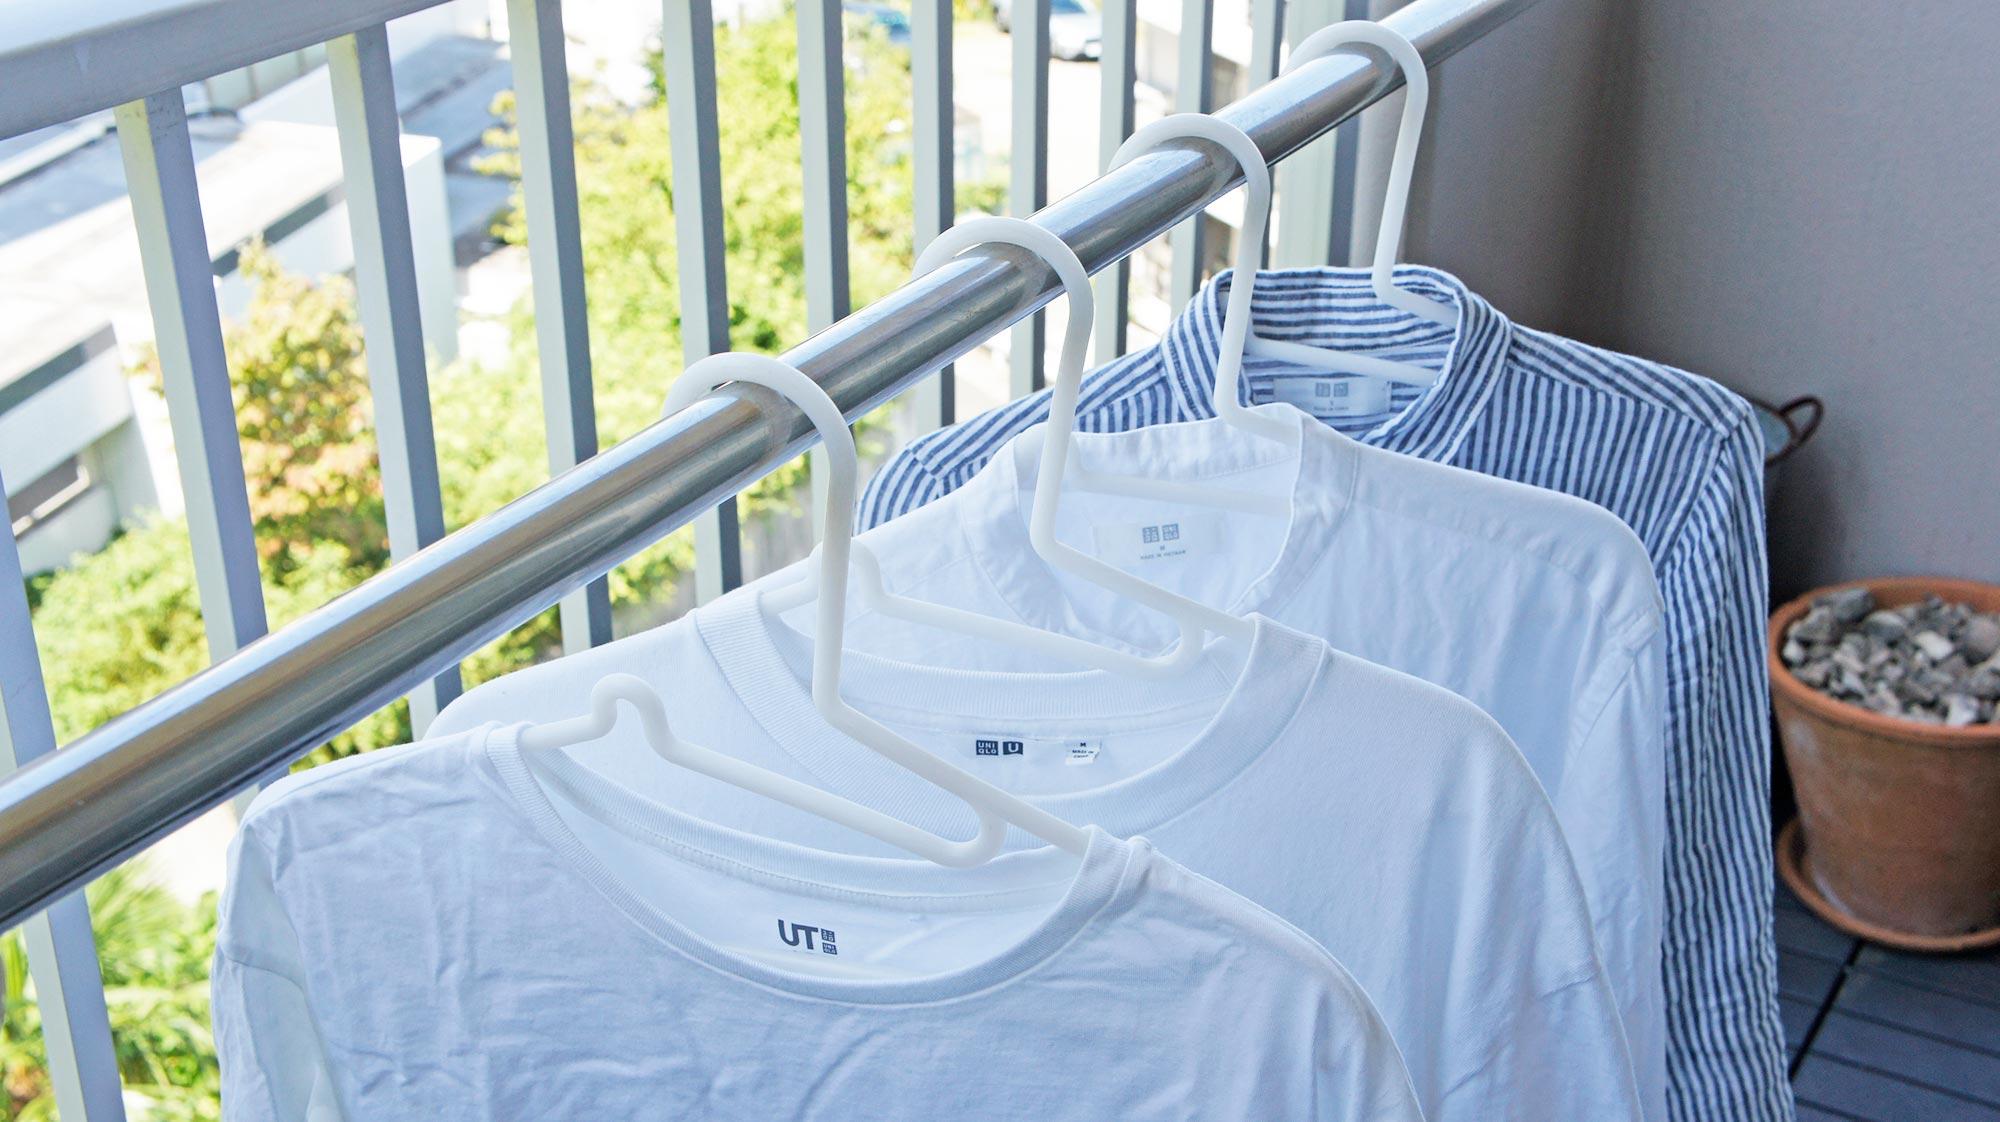 お気に入りの服をより長く楽しめる。無印良品の「Tシャツの首まわりが伸びないハンガー」